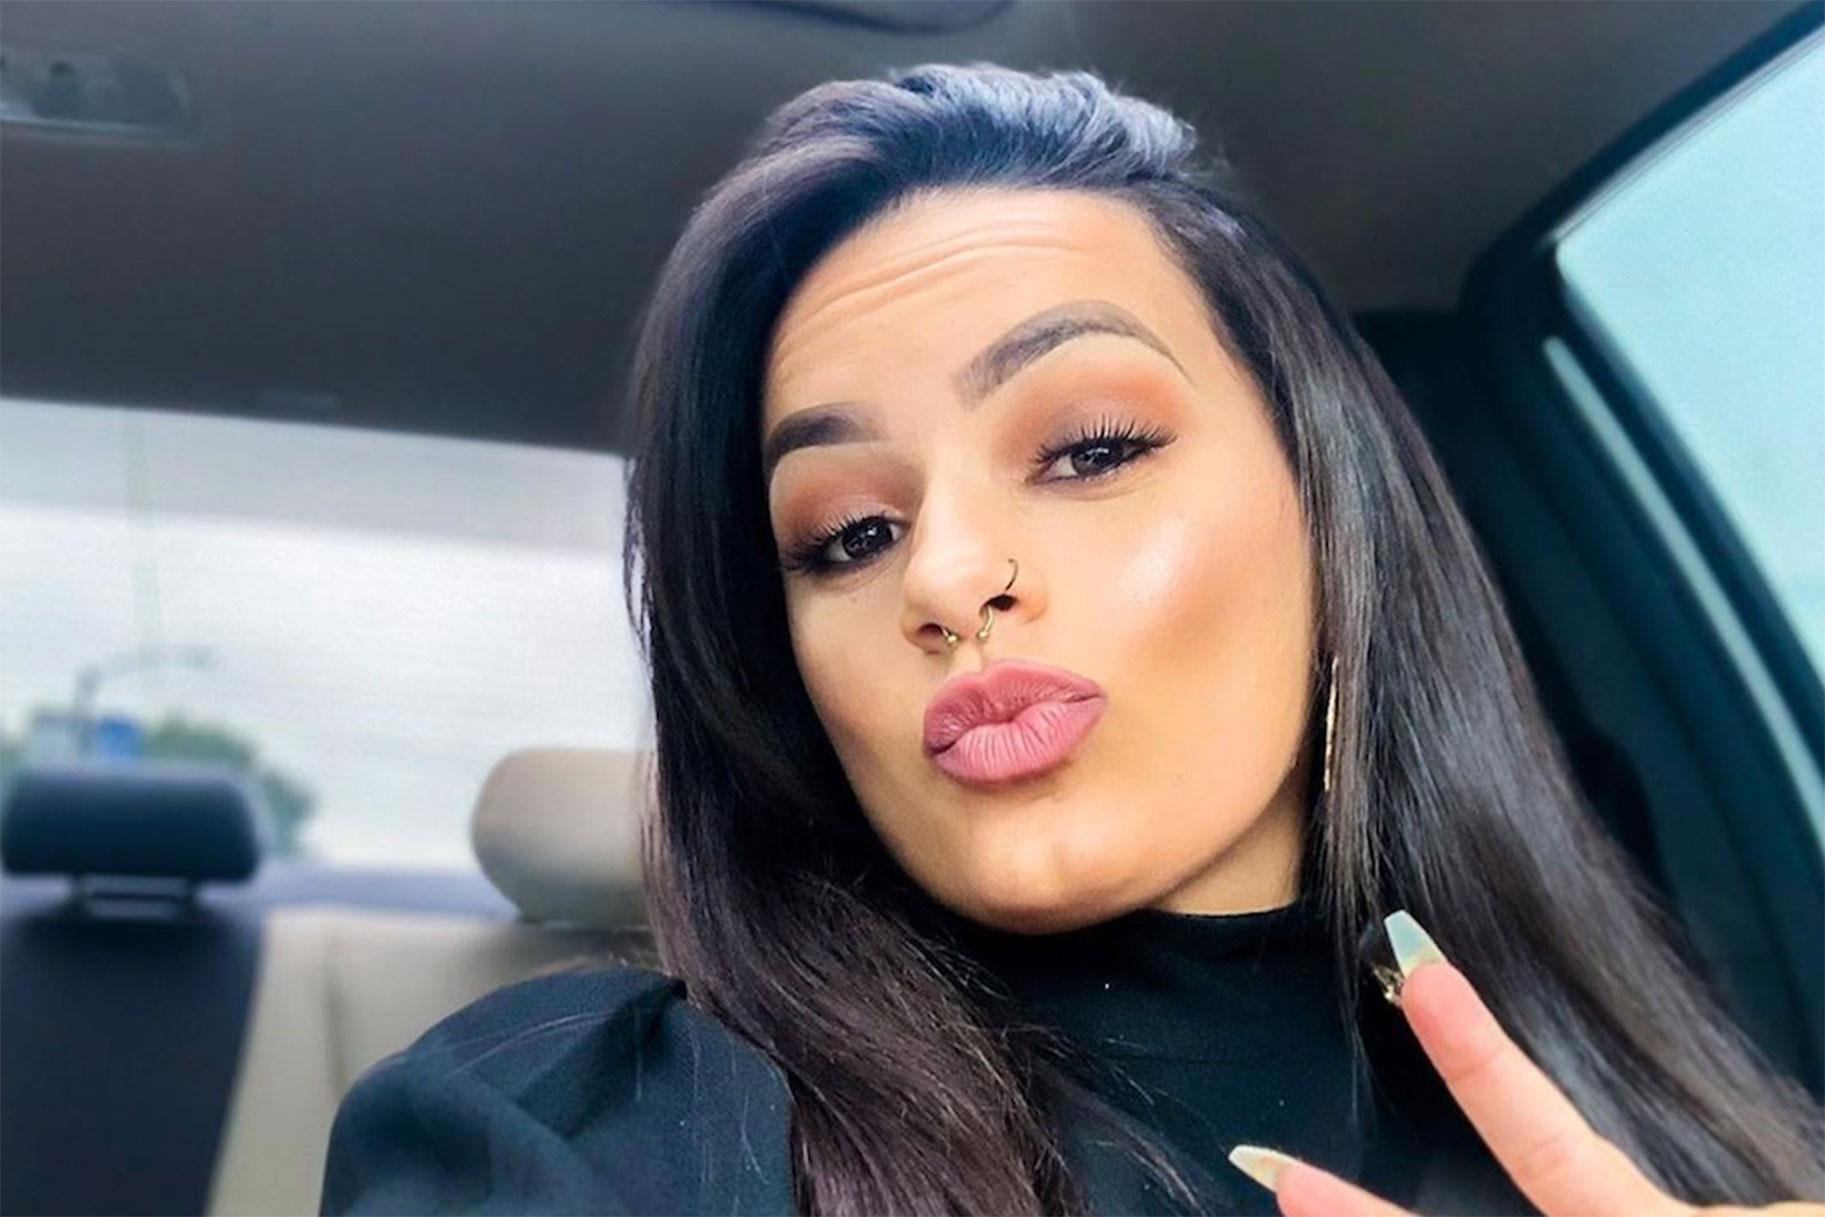 'I Feel Like Trash': Mom Of Missing Instagram Star Fears Worst For Aspiring Model